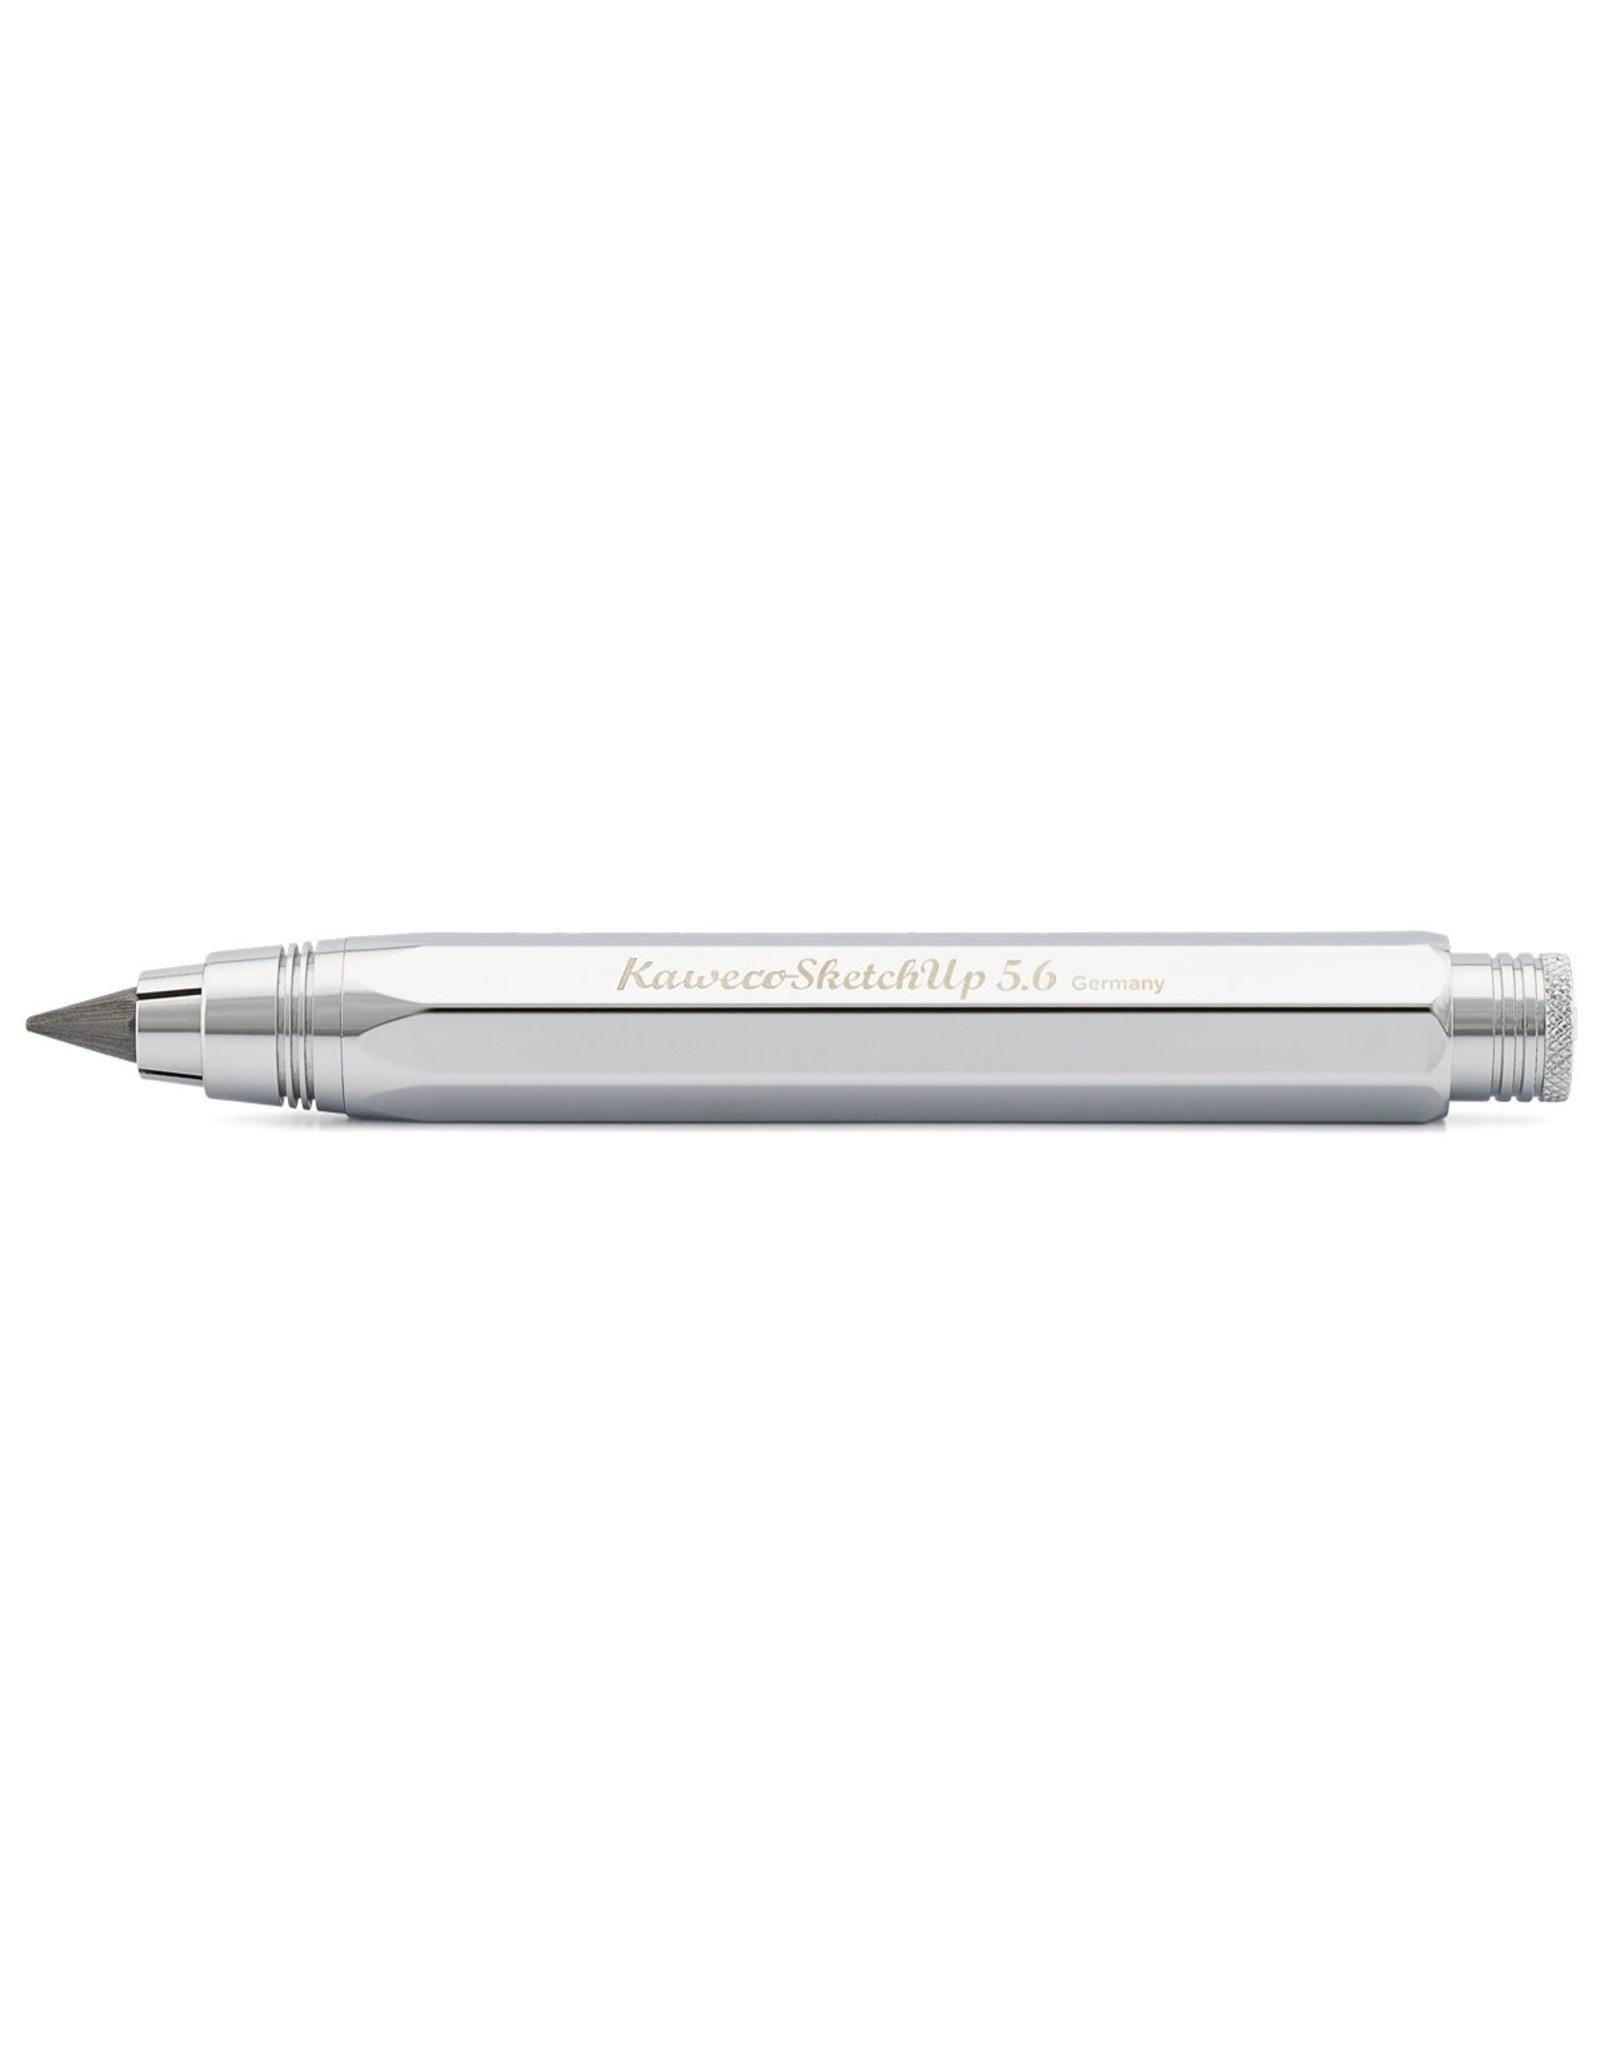 Kaweco Kaweco   Sketch Up   Pencil 5.6mm   Brilliant